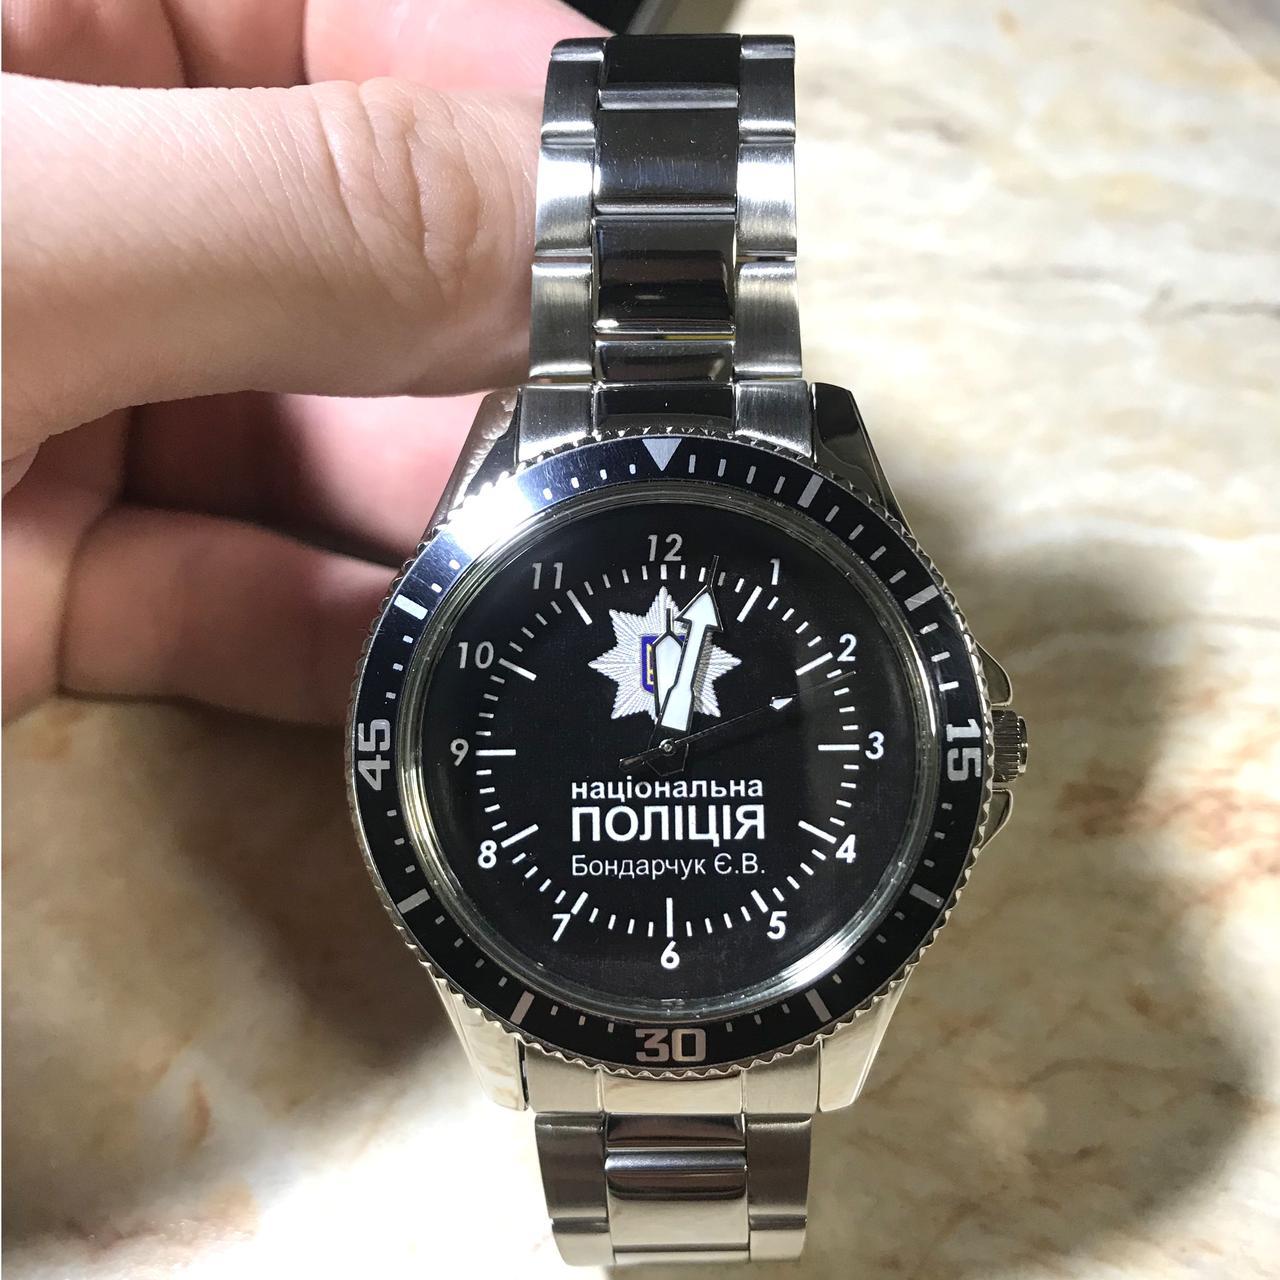 Часы наручные с логотипом (Національно Поліція України)